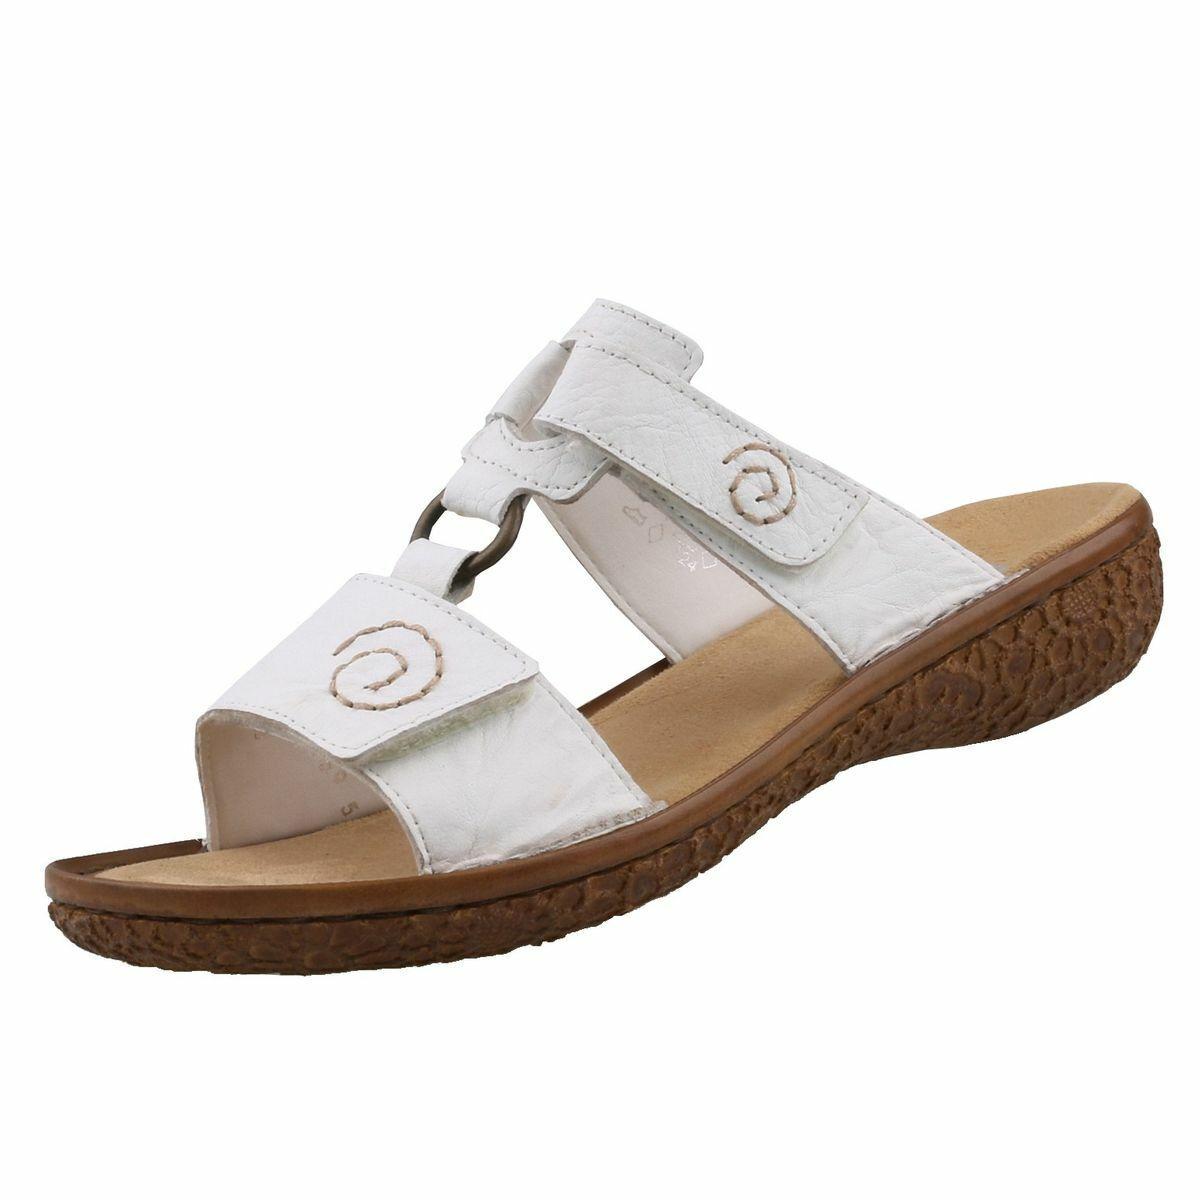 Nouveau Rieker Rieker Rieker Chaussures Femmes Chaussures Mules Sabots Femmes-Sandales Sandales 009358